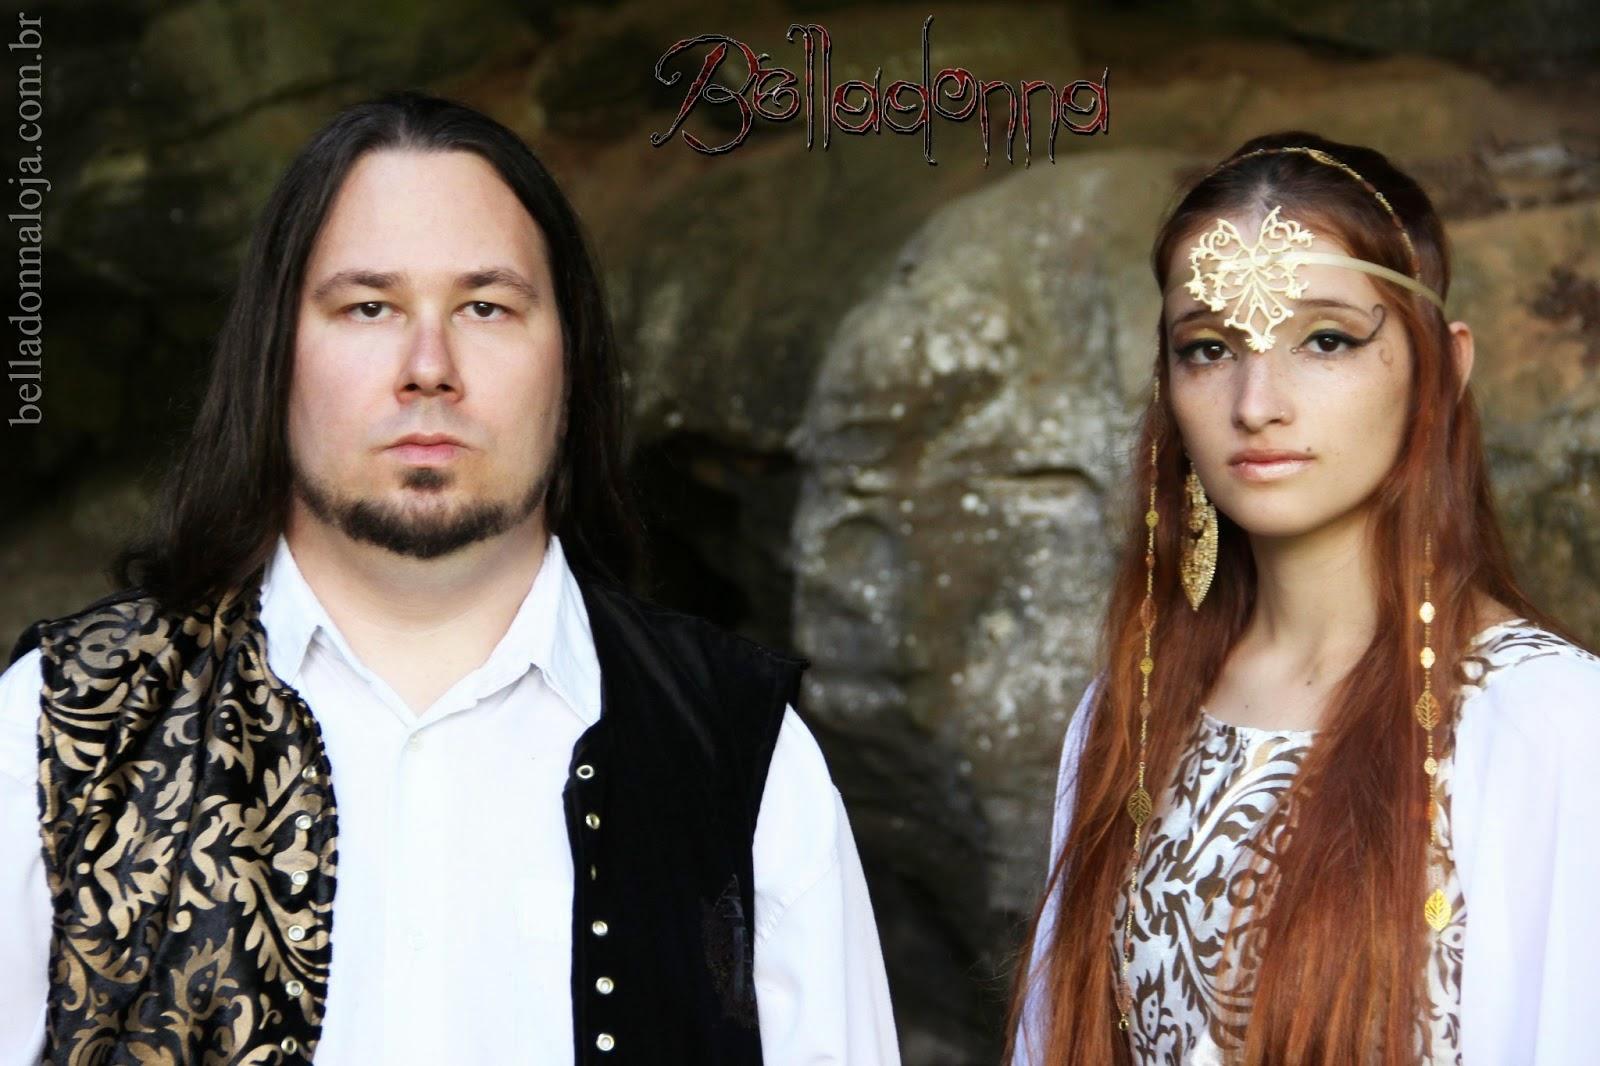 http://www.belladonnaloja.com.br/2012/11/colecao-celtia_5.html